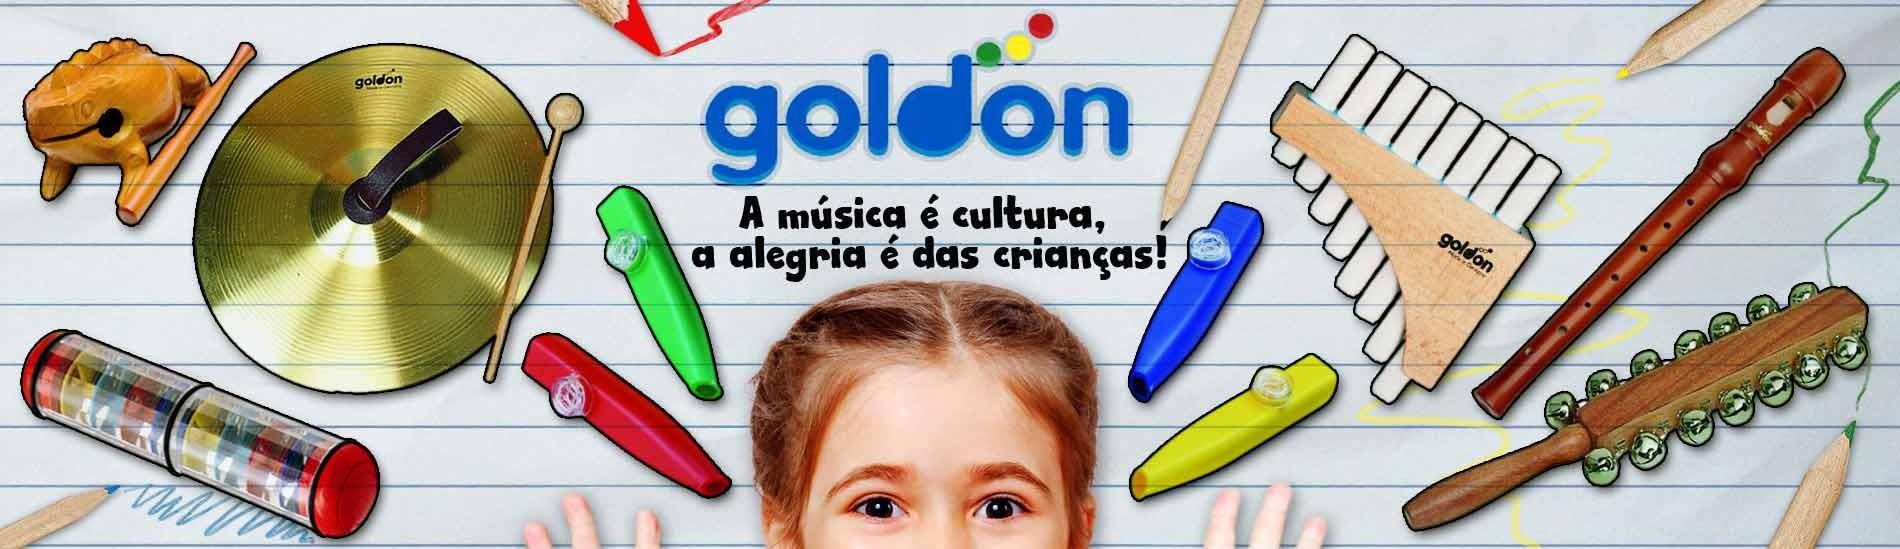 Instrumentos de iniciação musical (Orff) Goldon